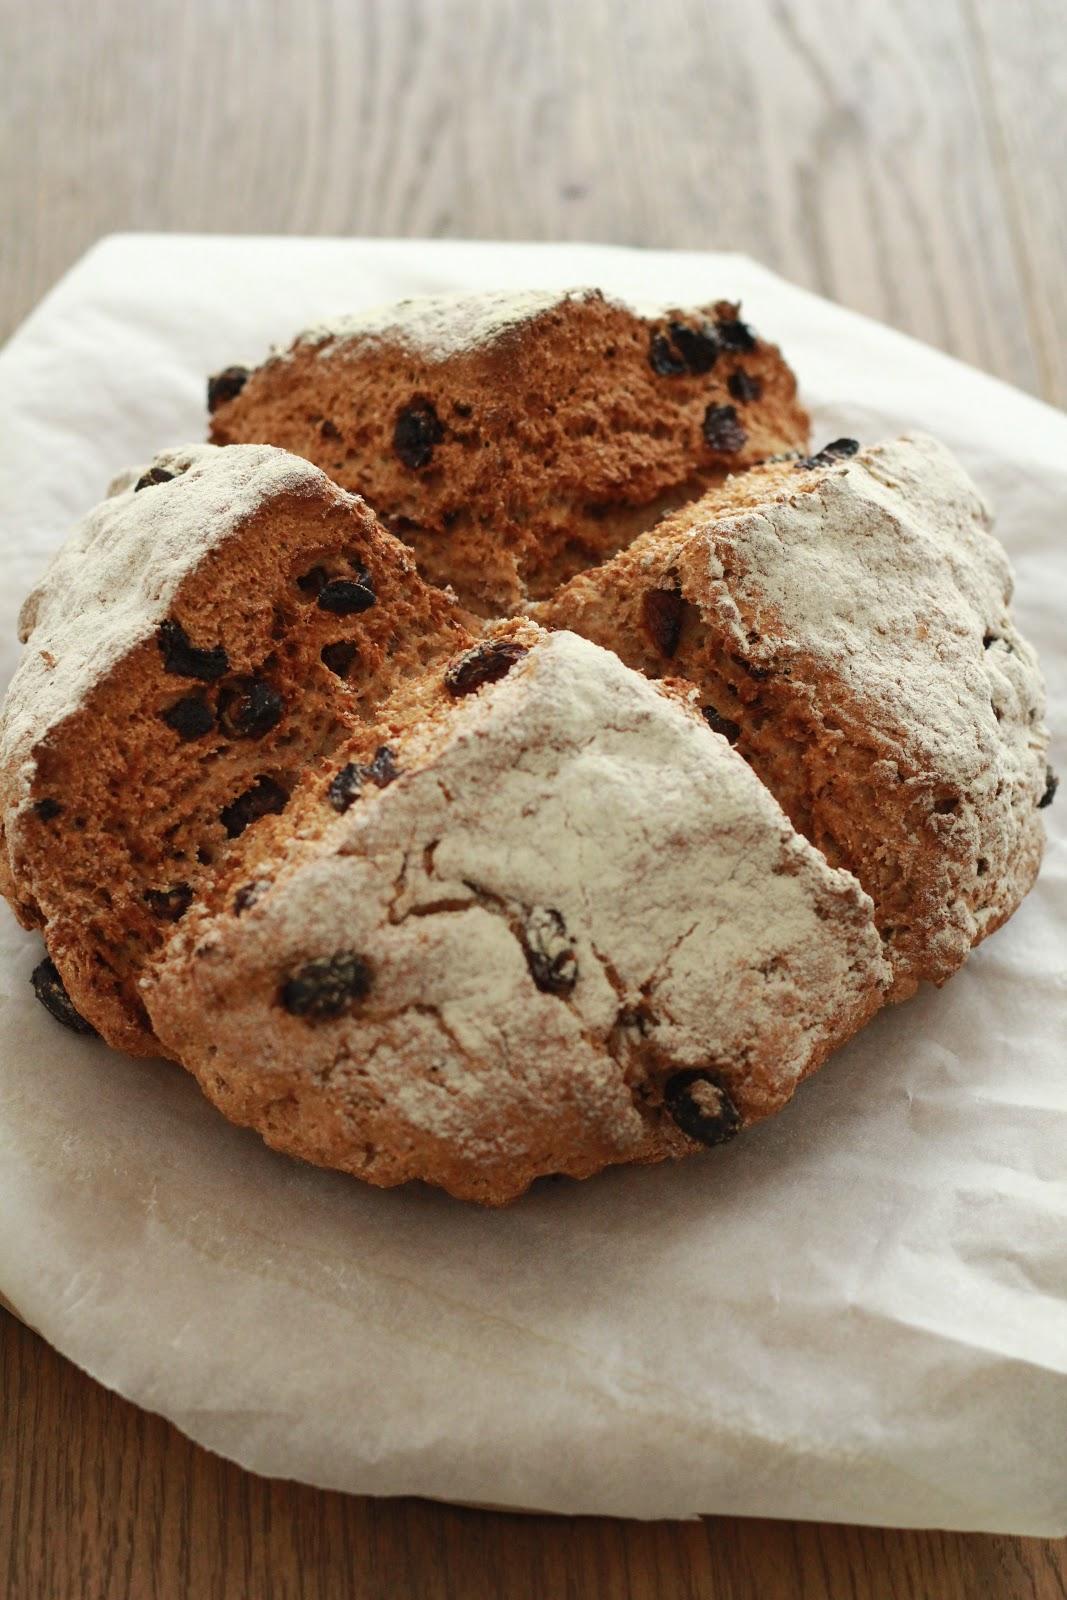 On dine chez nanou pain irlandais aux raisins secs une for Congeler du pain frais